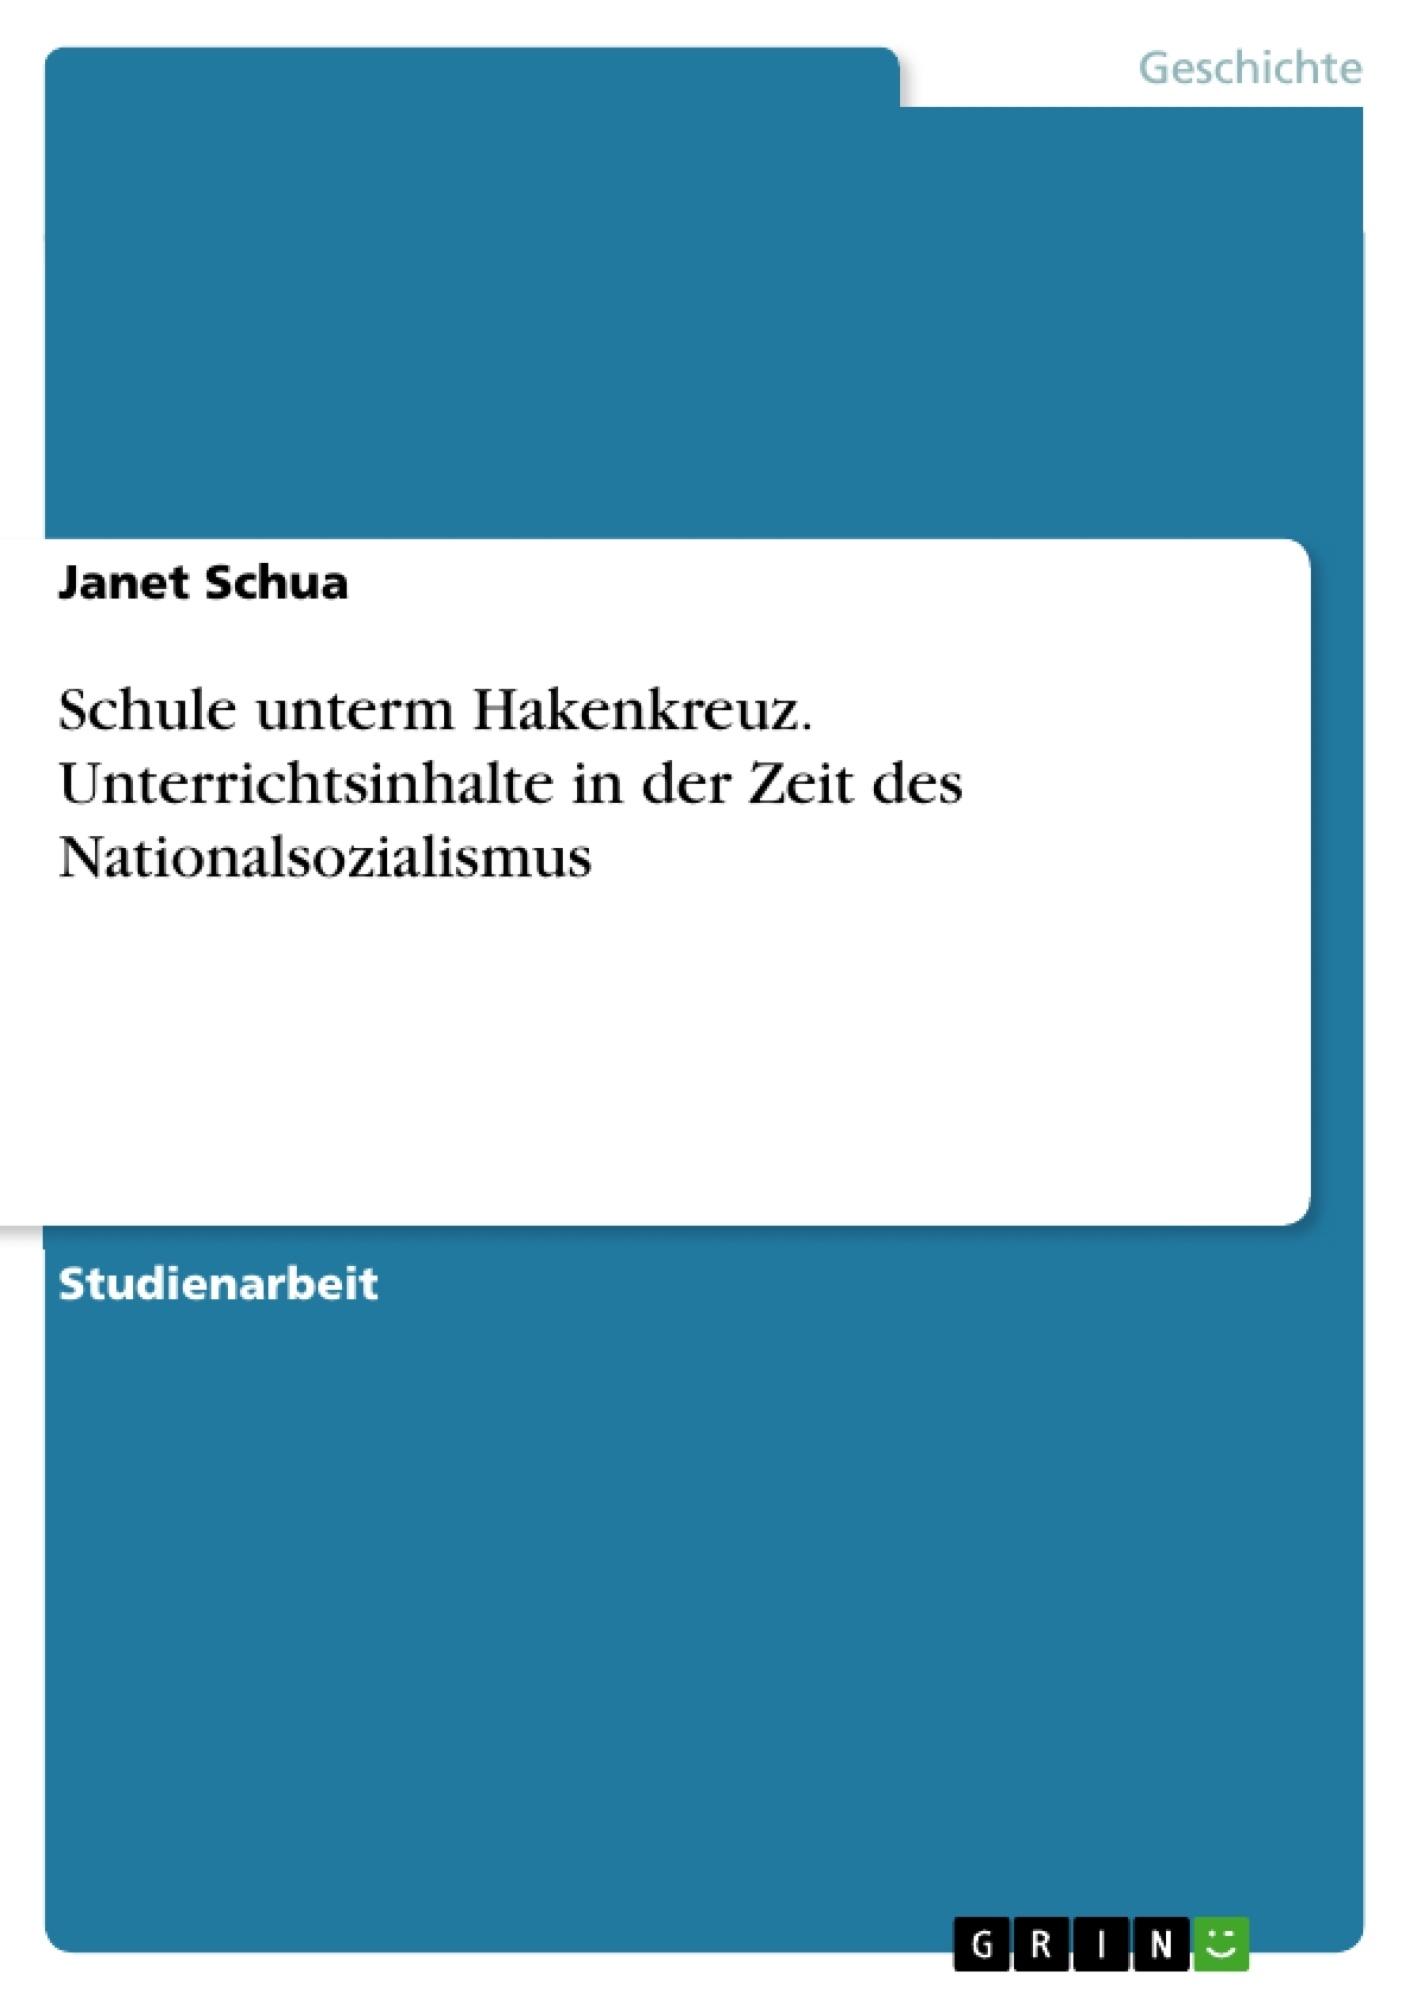 Titel: Schule unterm Hakenkreuz. Unterrichtsinhalte in der Zeit des Nationalsozialismus